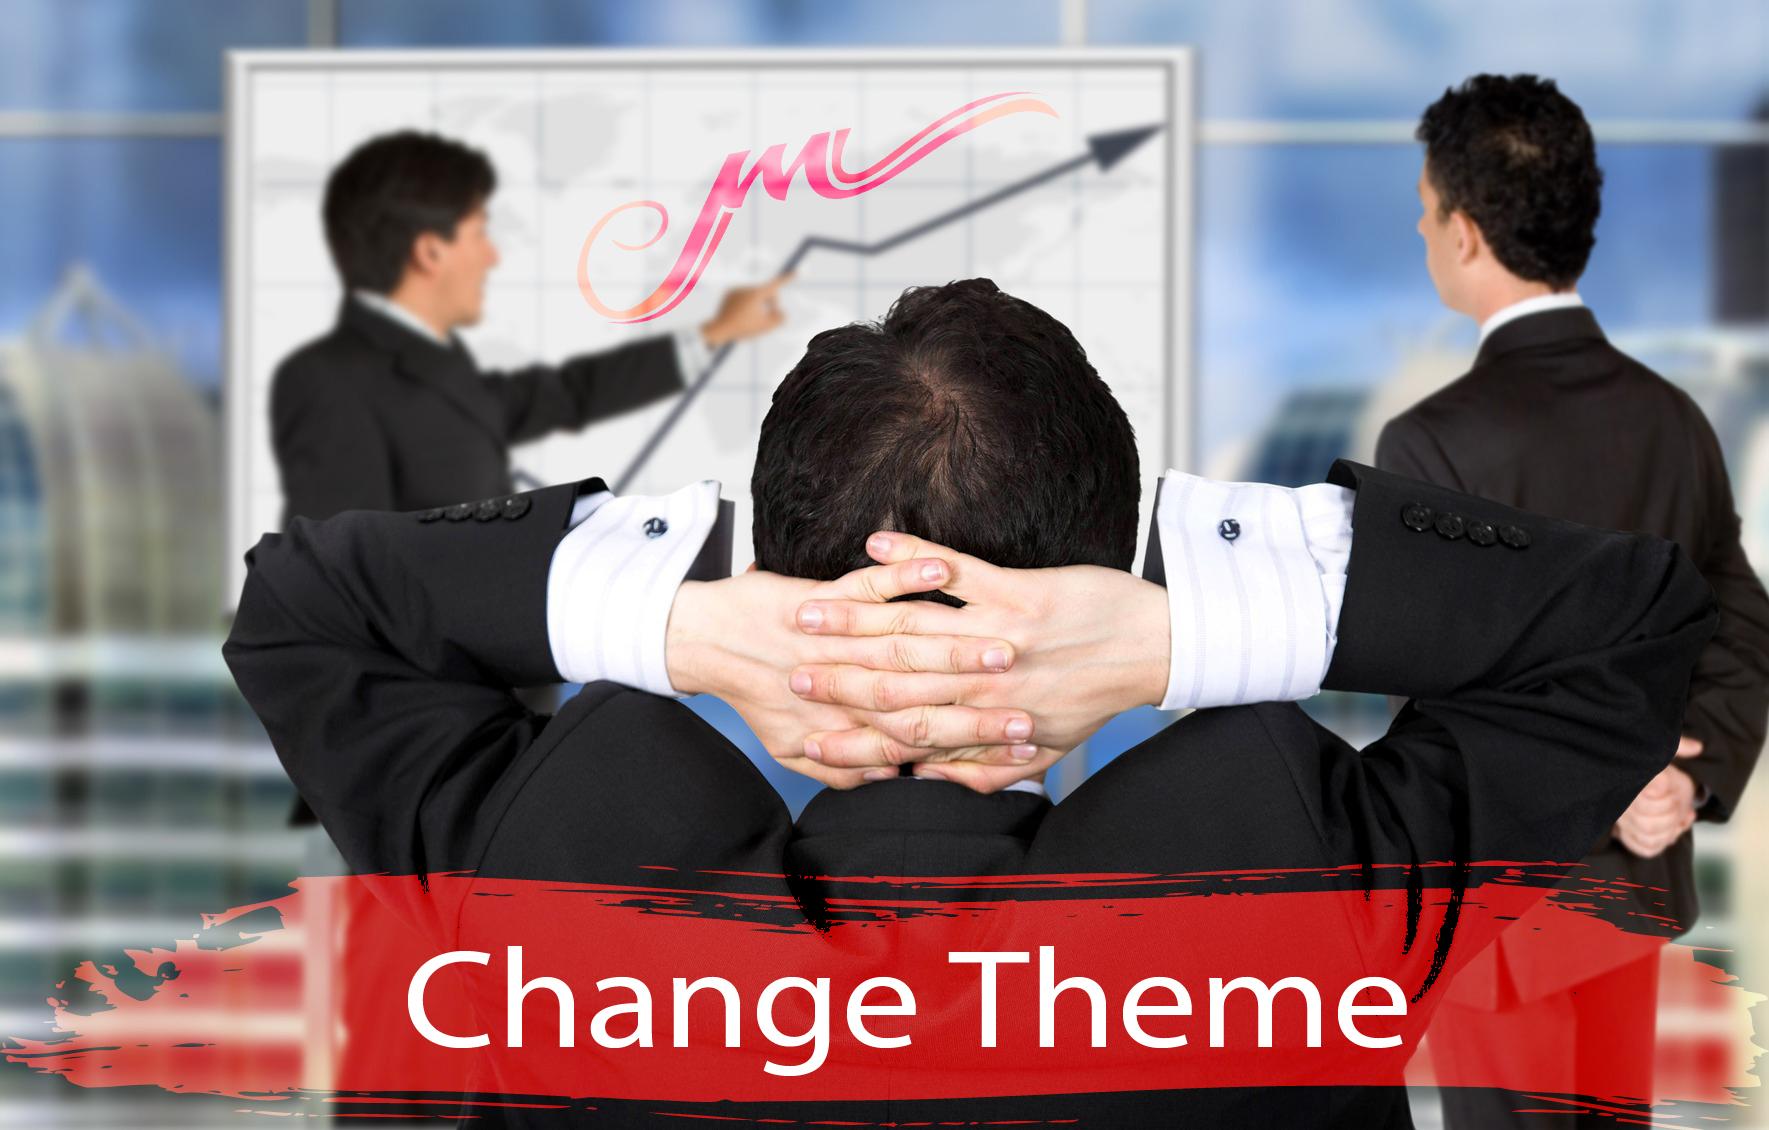 Change Theme